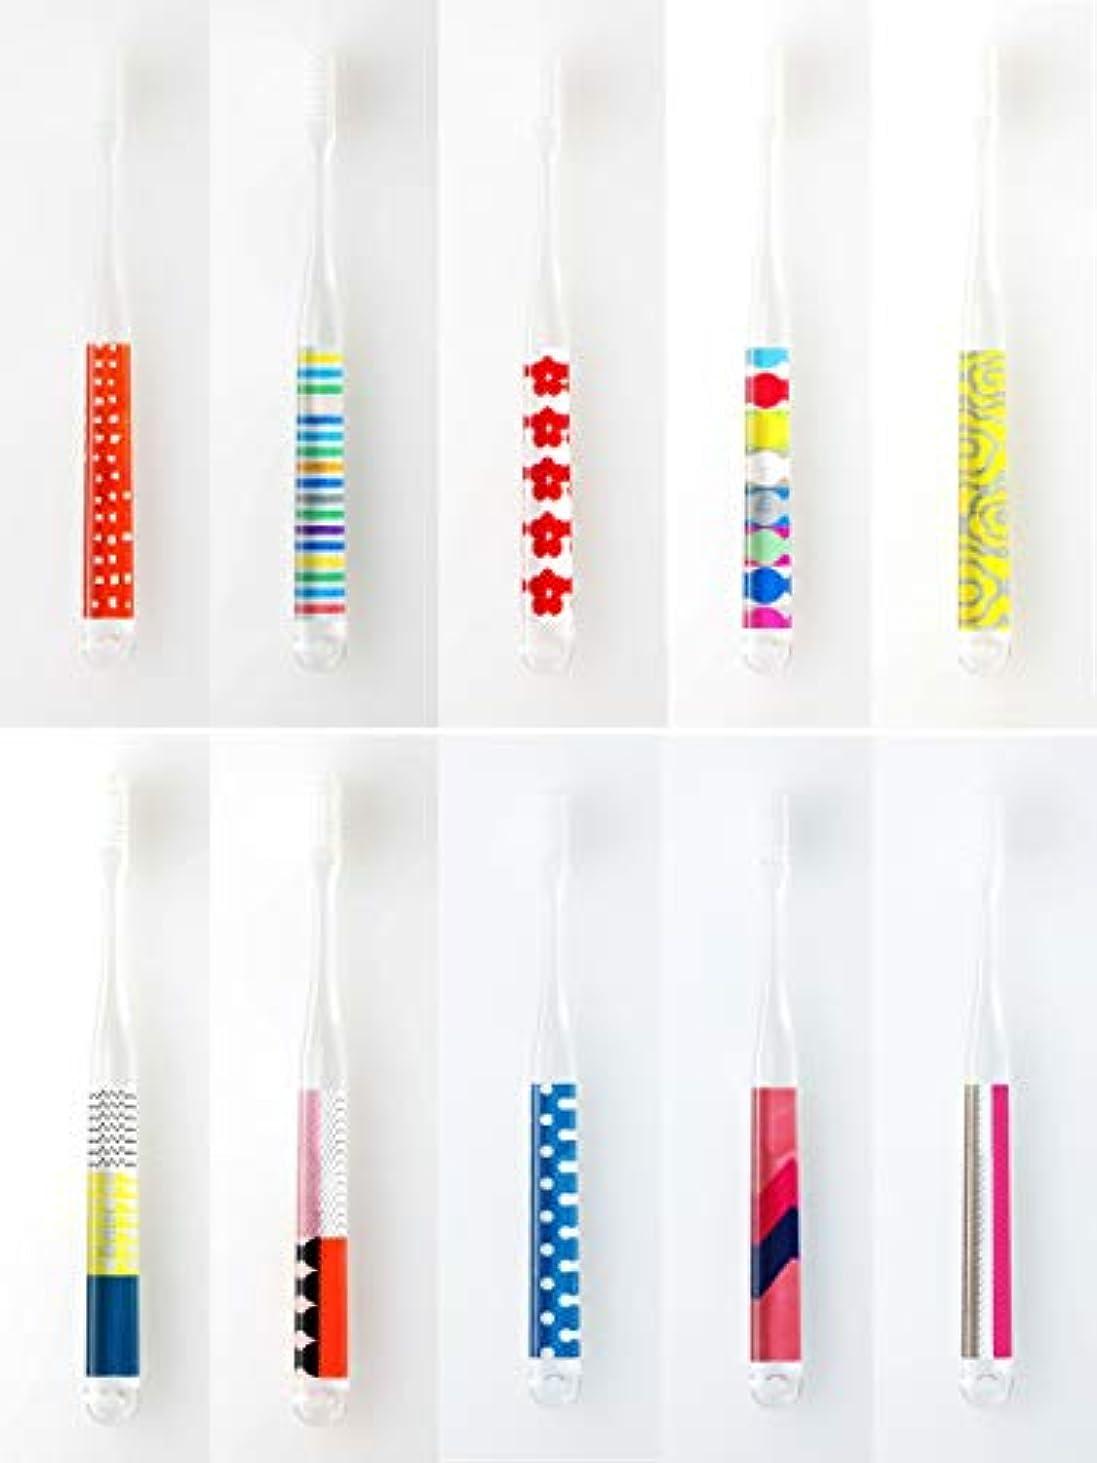 掃くできないギャロップMOYO モヨウ 歯ブラシ POP 10本セット_562302-pop3 【F】,POP10本セット ハブラシ